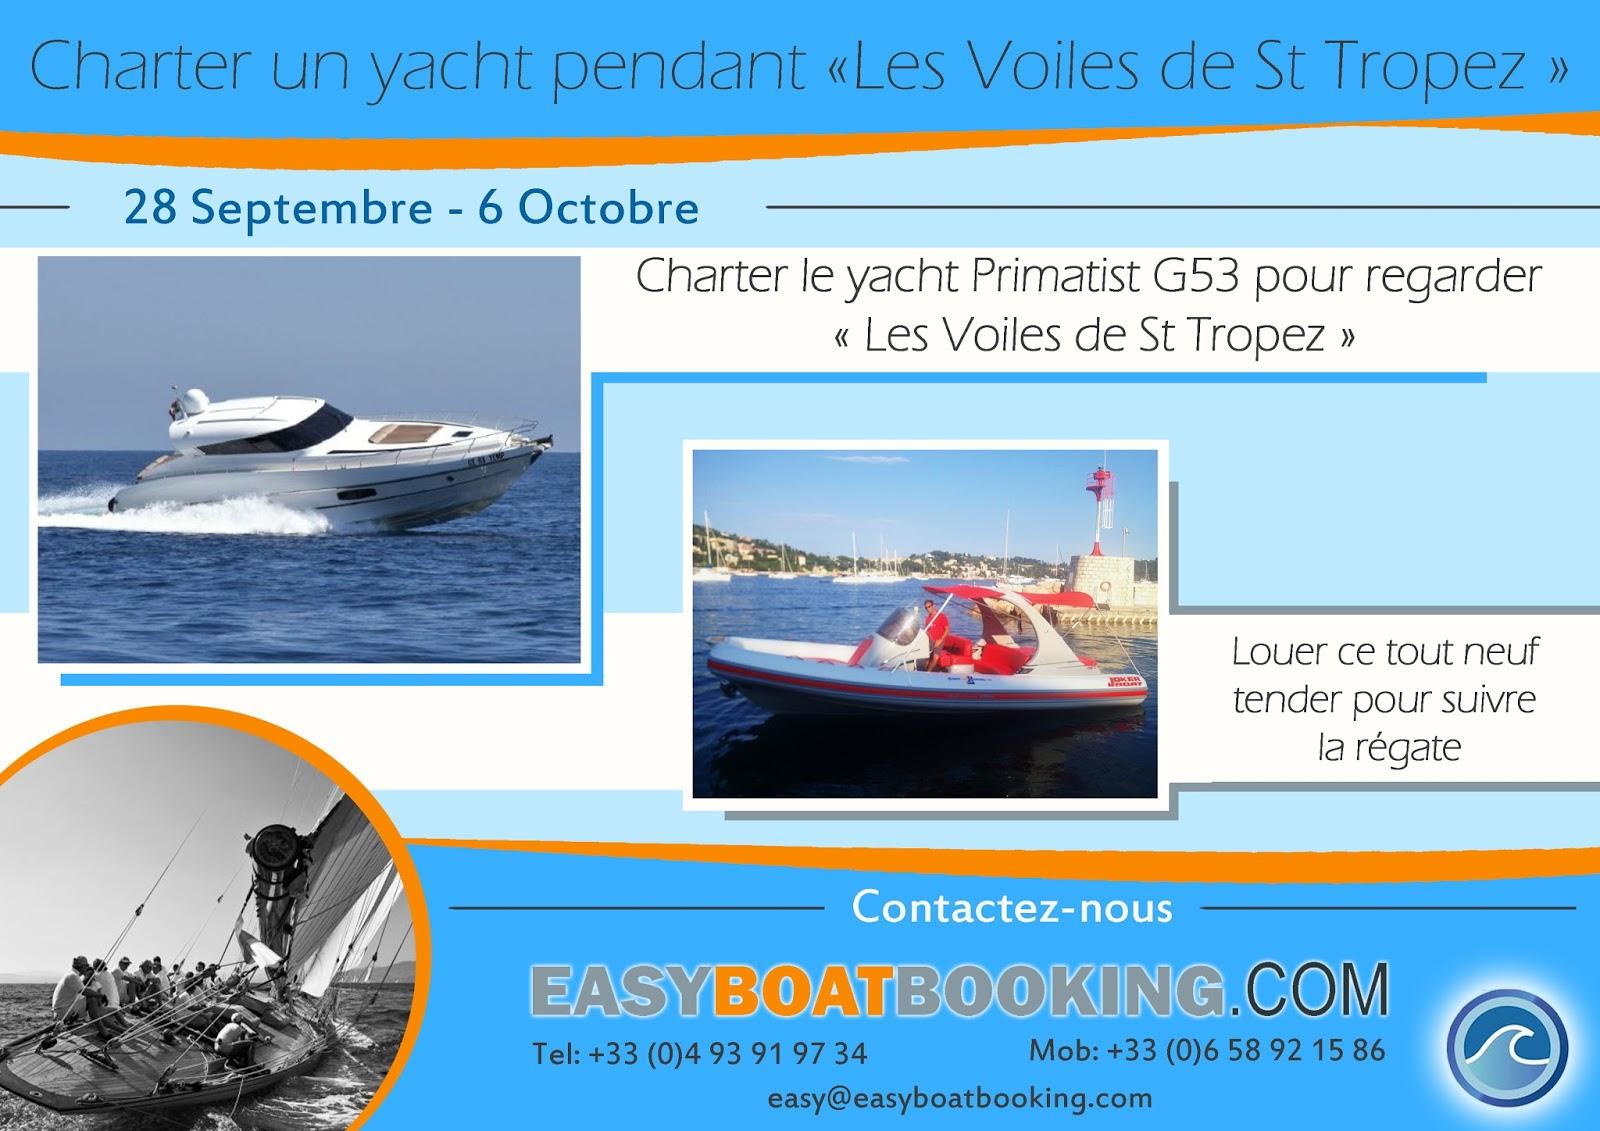 les Voiles de St Tropez location de bateau